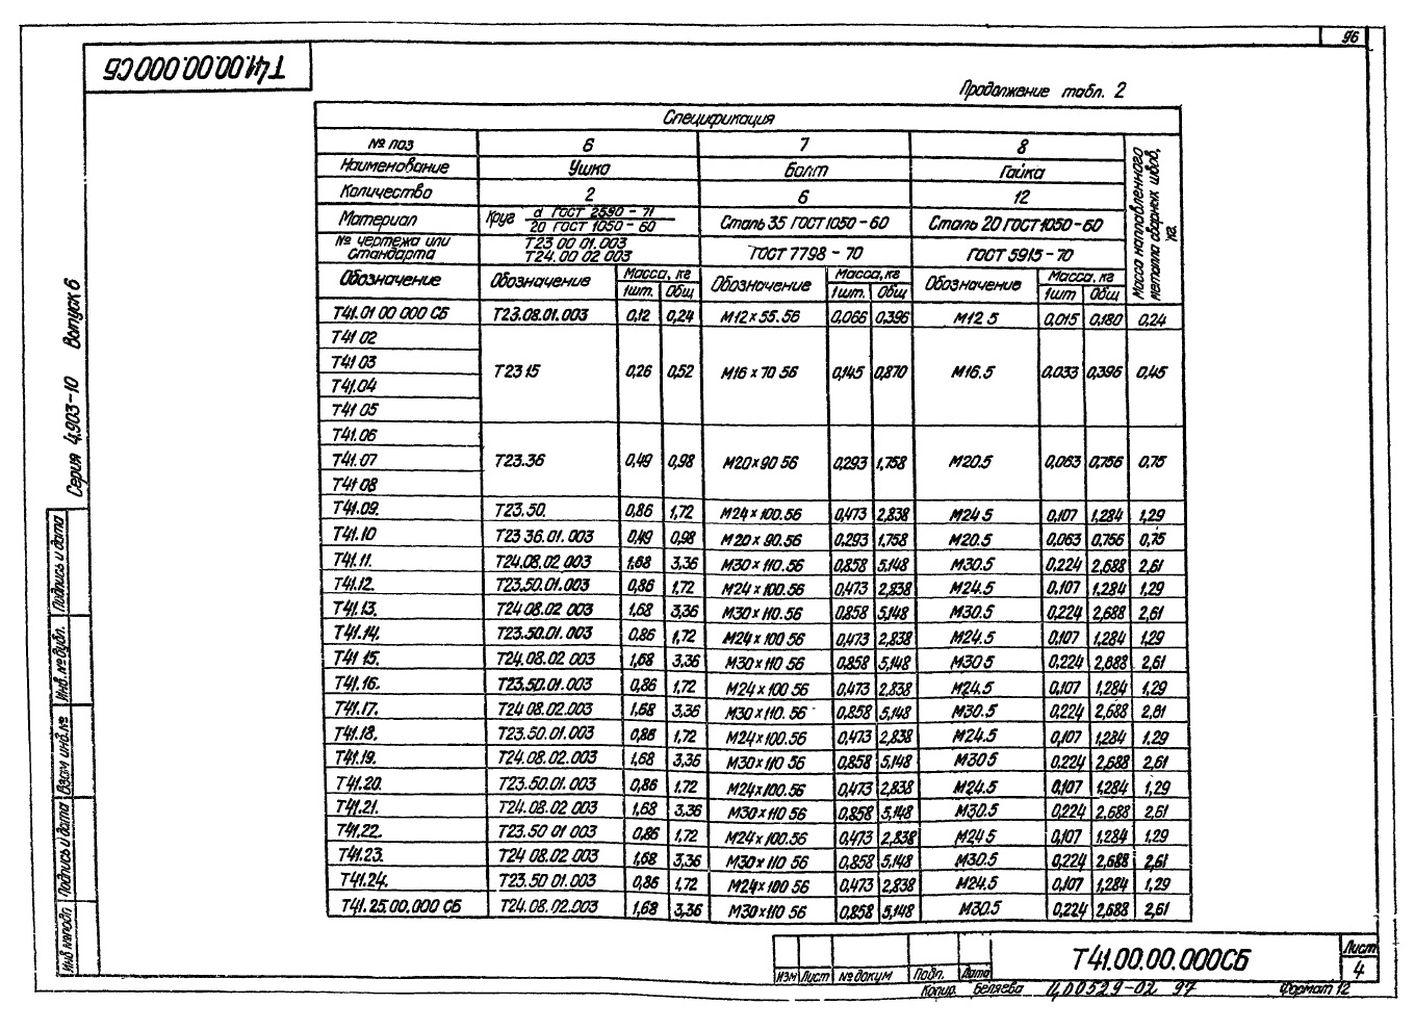 Опора подвесная пружинная Т41 с.4.903-10 вып.6 стр.4